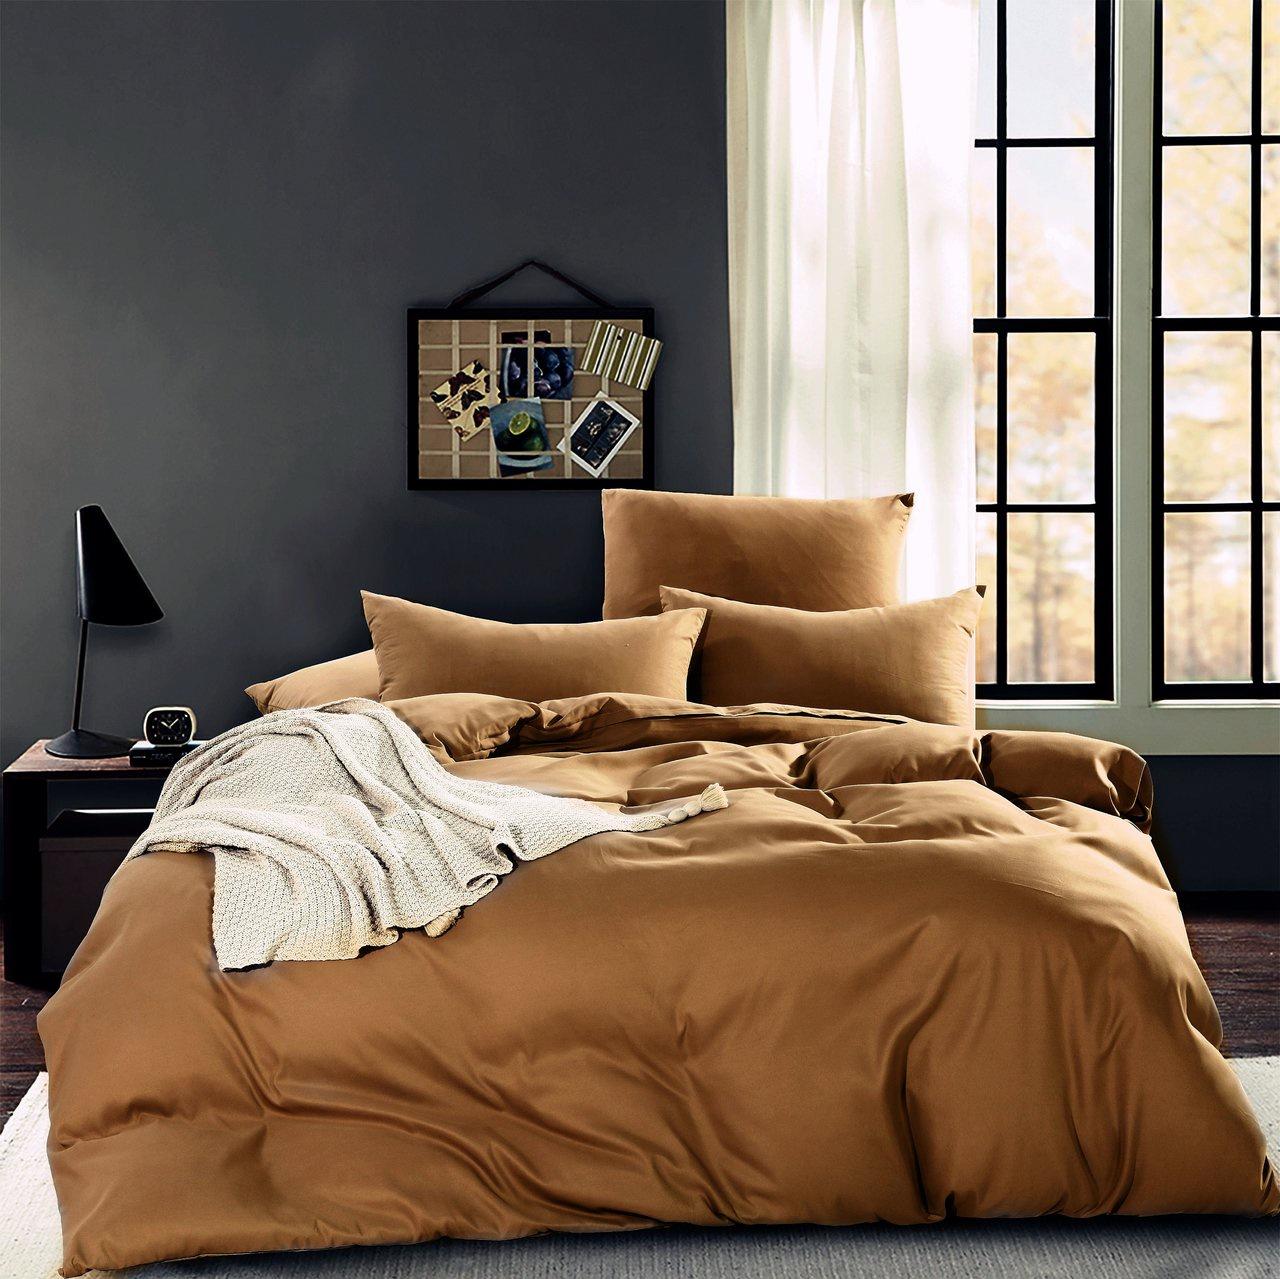 Комплект постельного белья Ситрейд CS005-1 50-70 1.5 спальный, наволочки 50-70 2 шт елка канадская 150 см 342 ветки 1 шт в упаковке 2